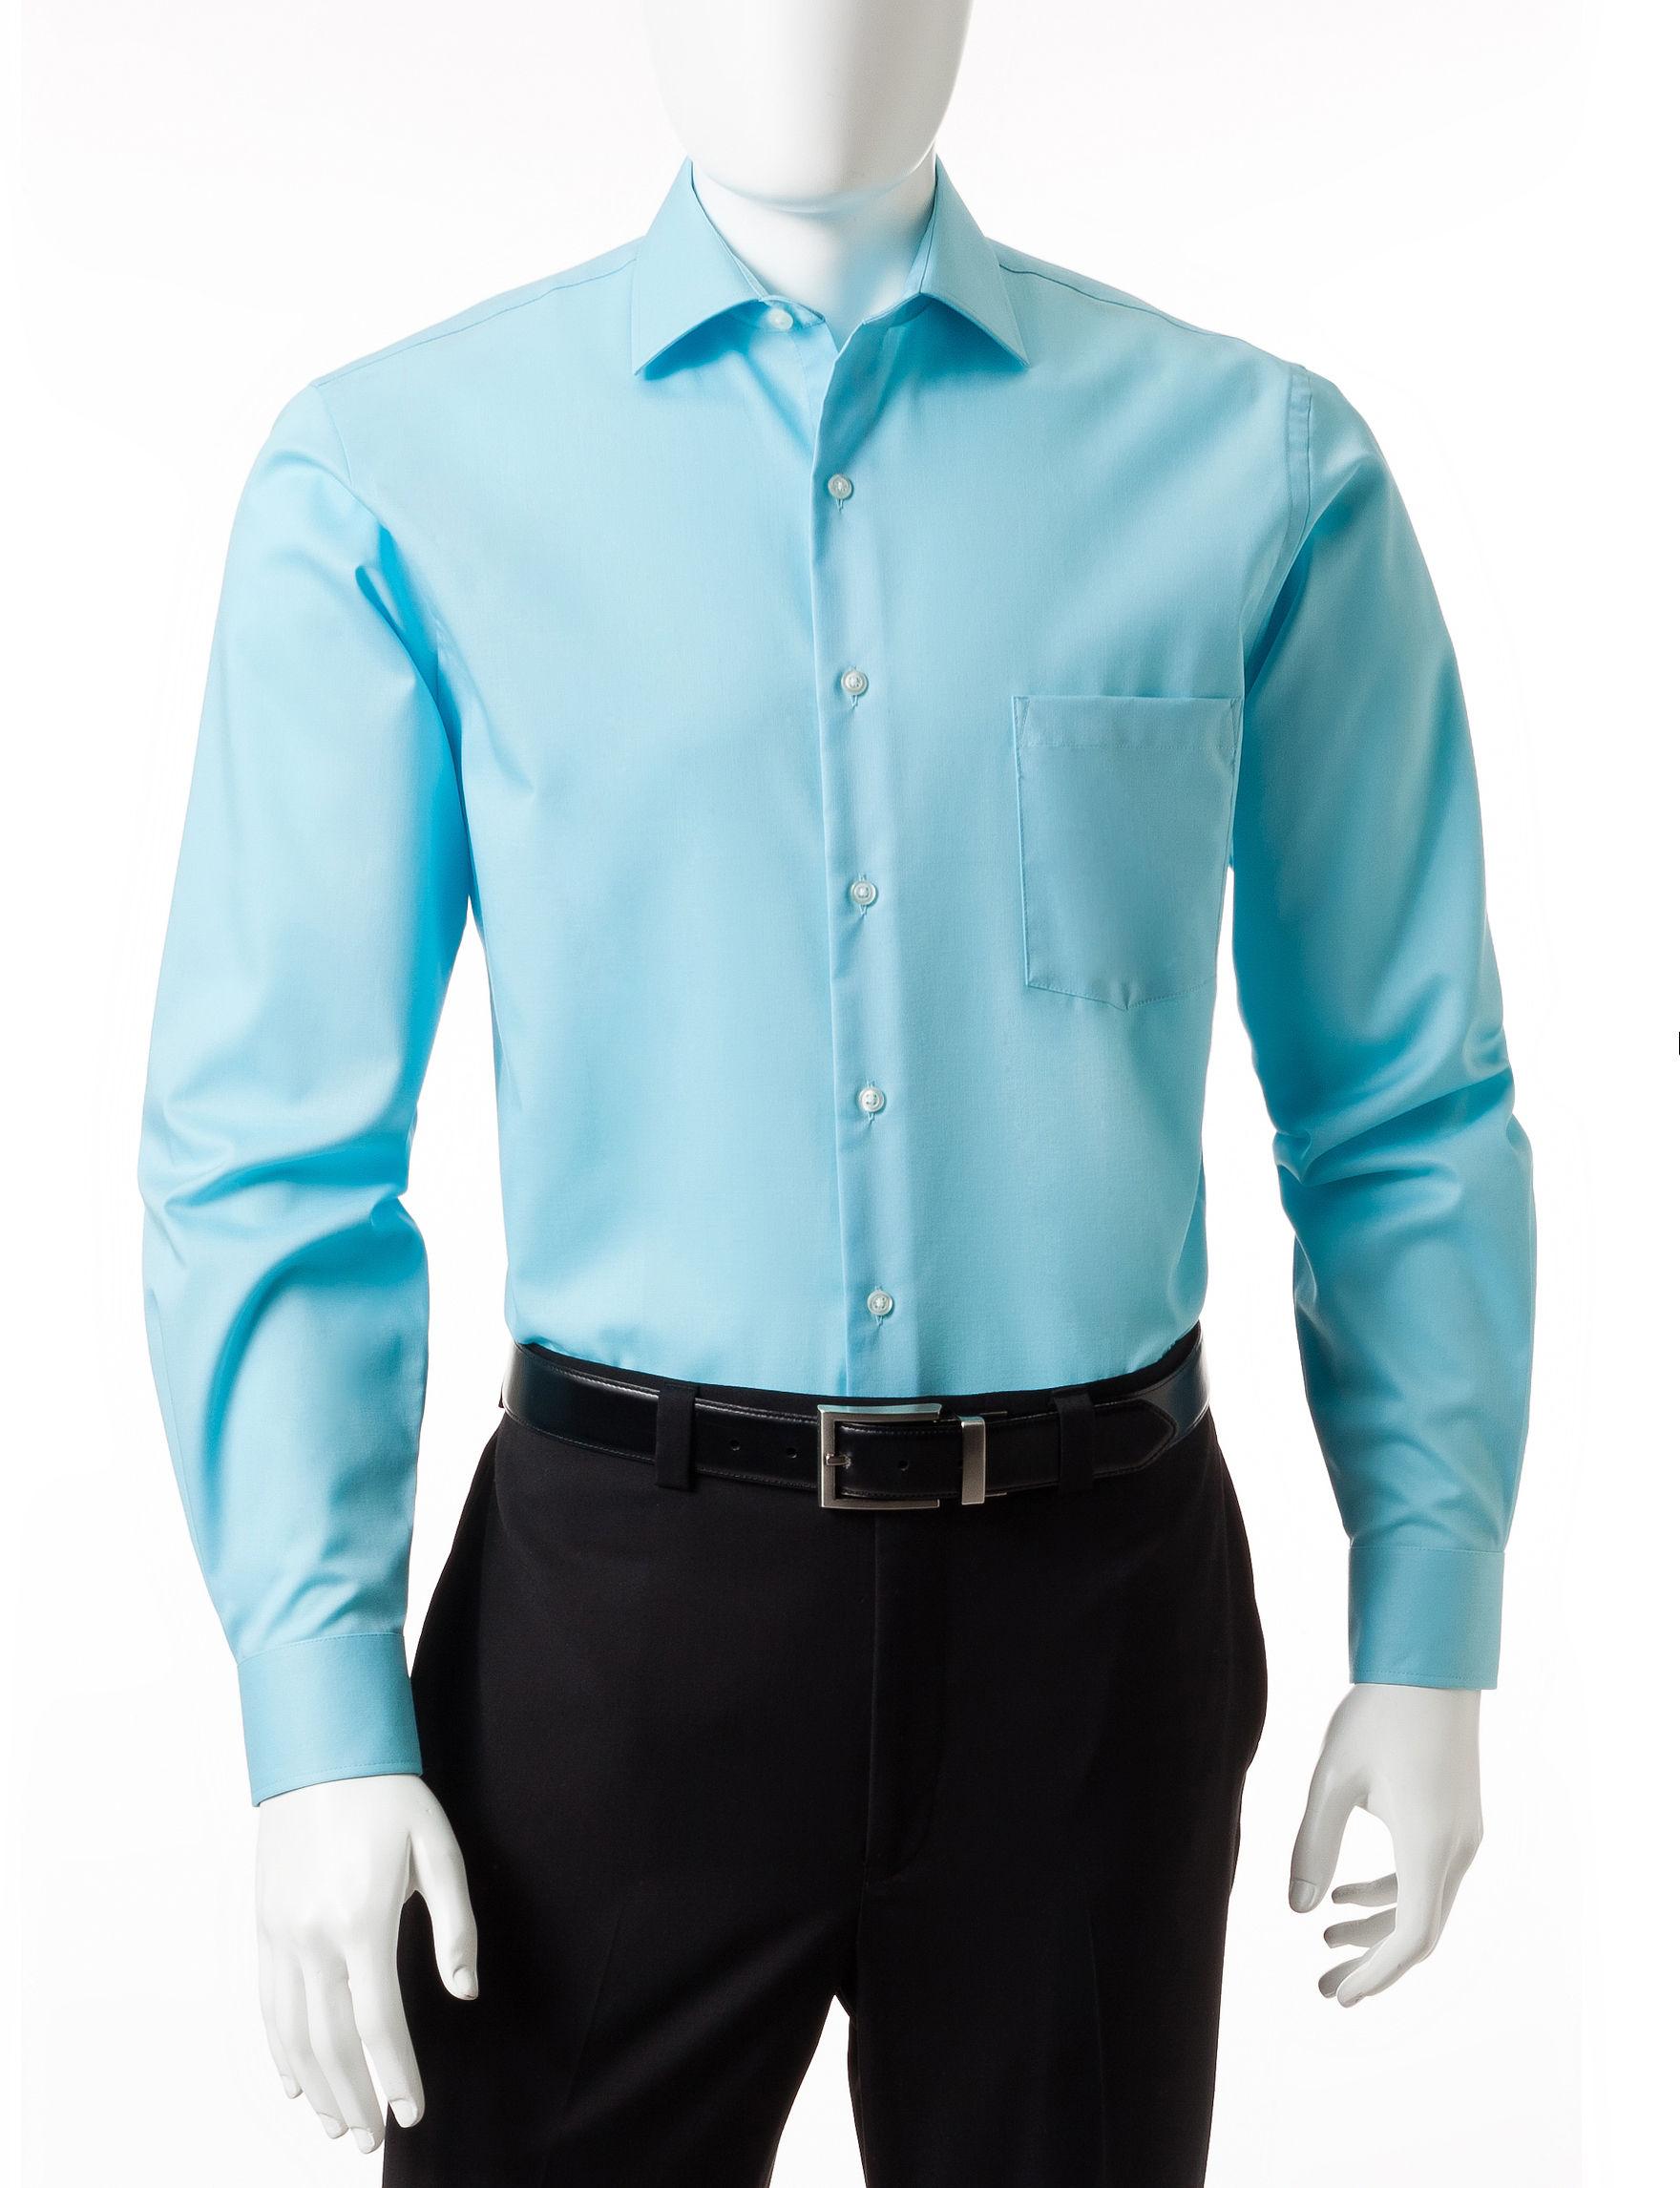 088543321028 upc van heusen men 39 s regular fit flex for Van heusen shirts flex collar